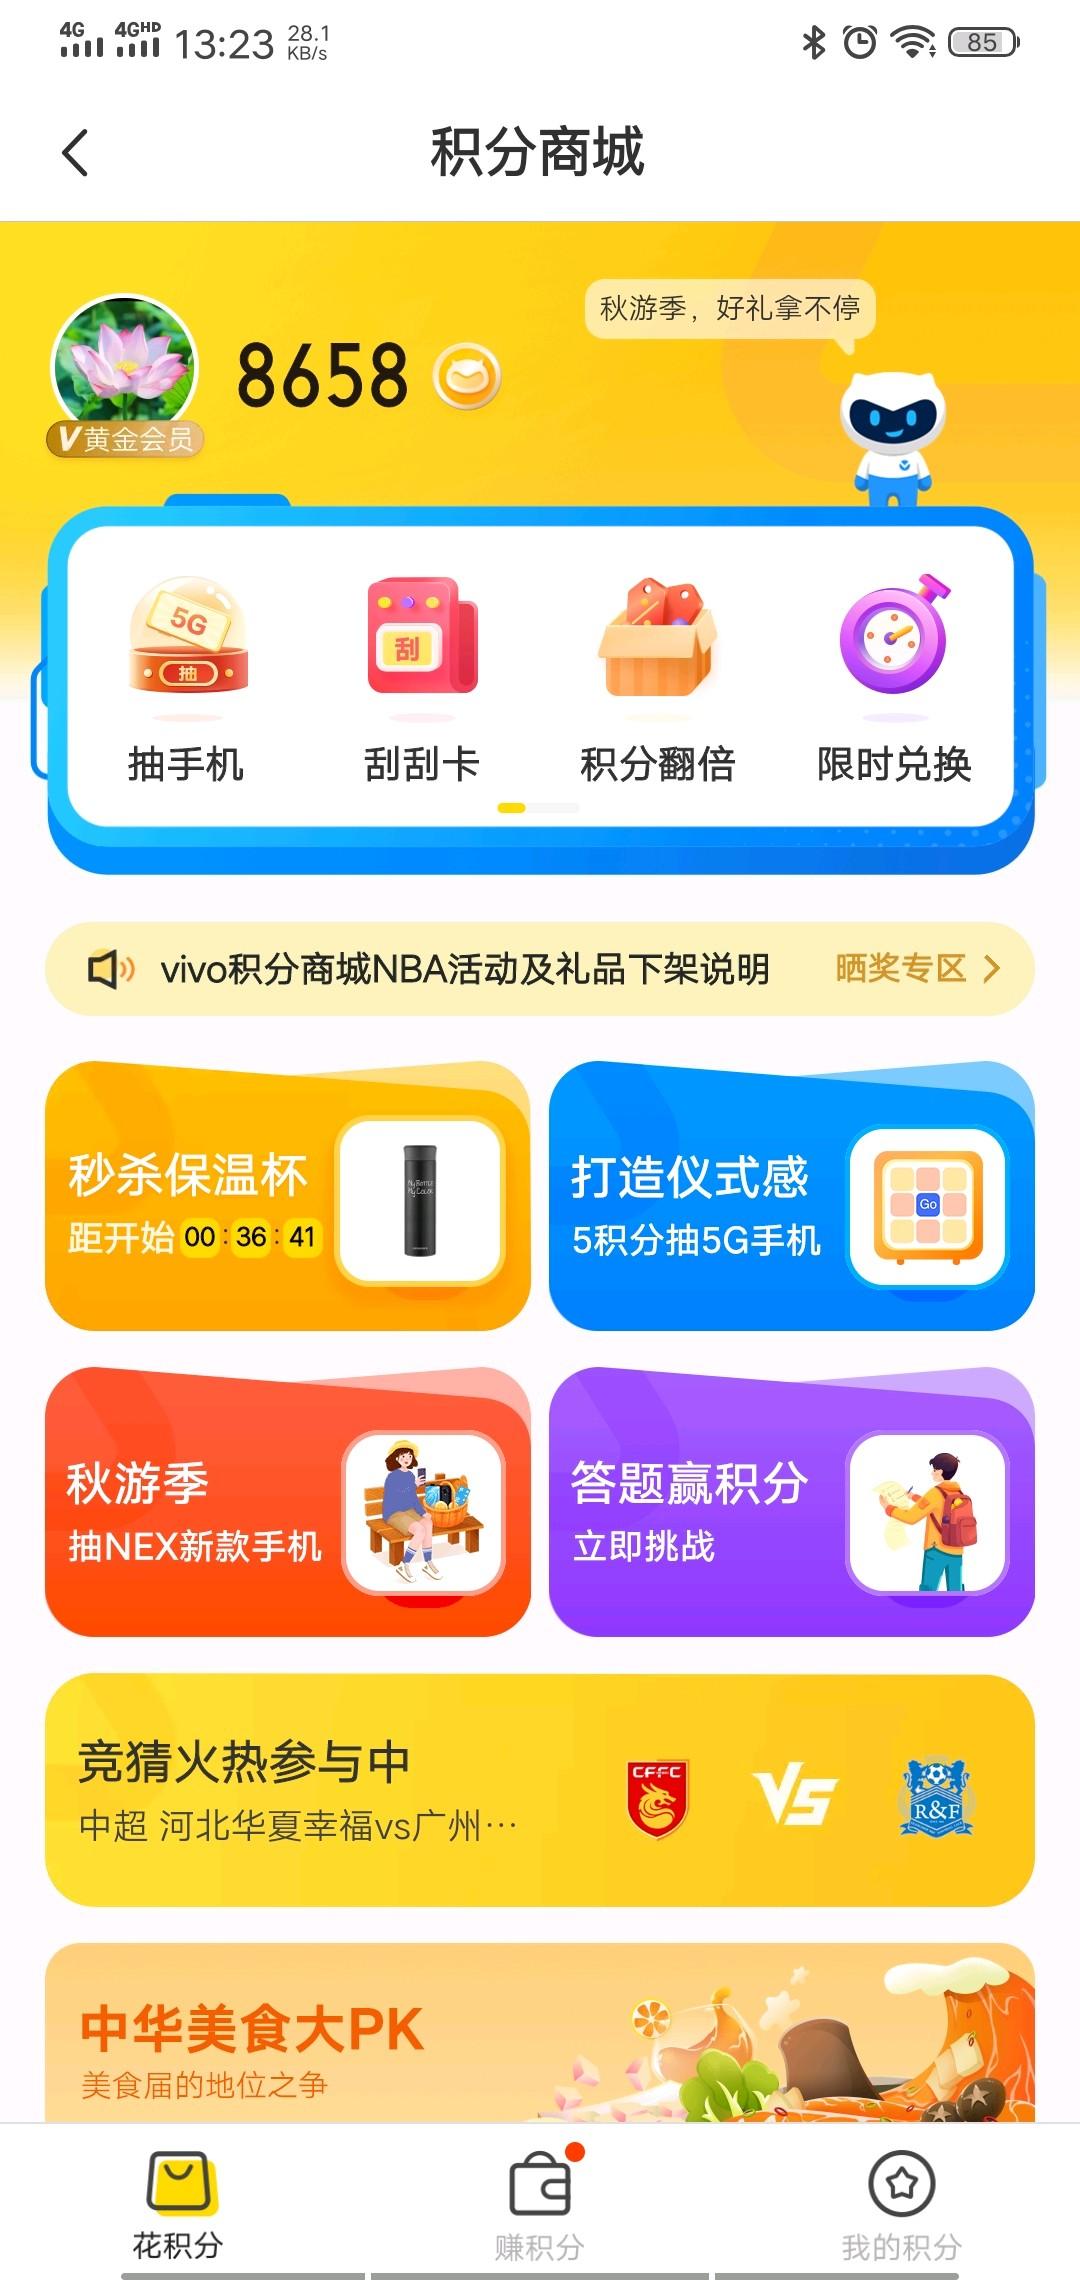 Screenshot_20191026_132319.jpg